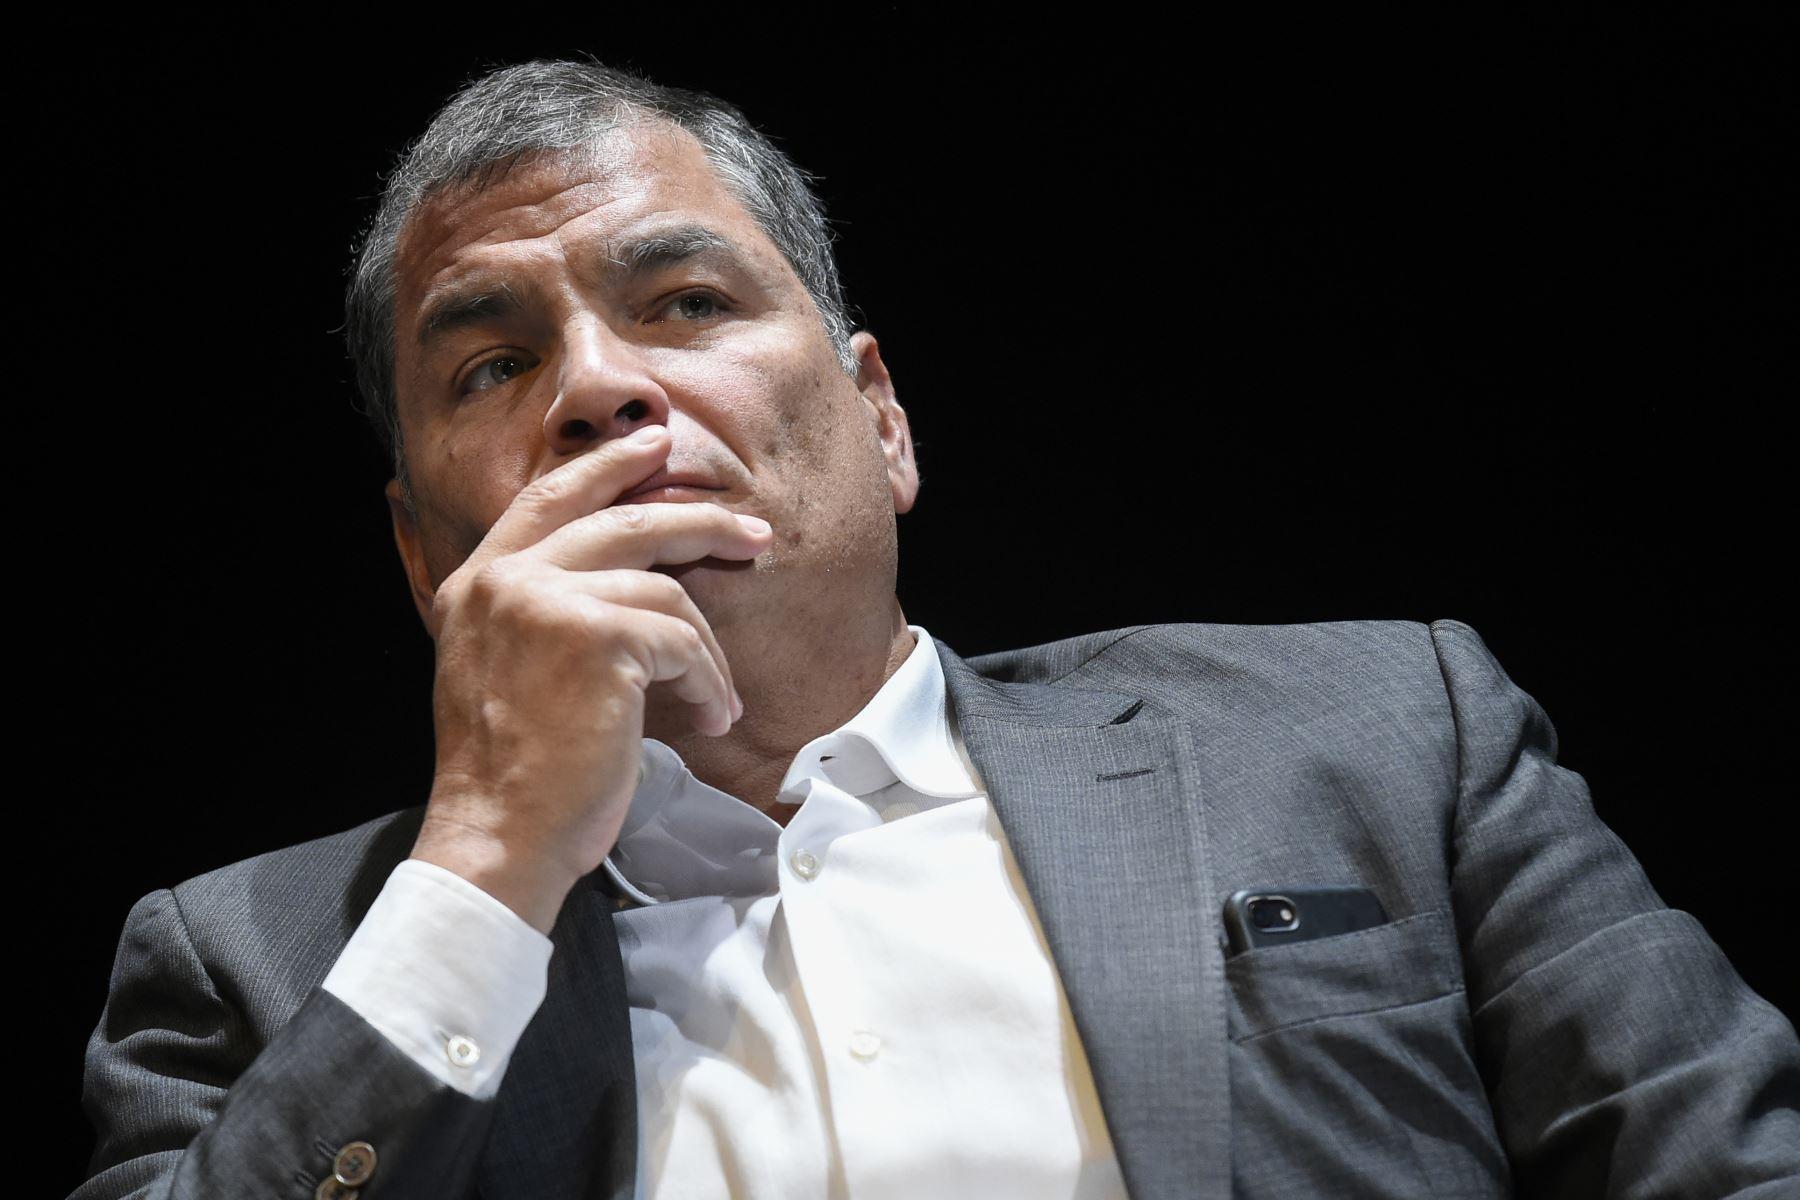 Justicia de Ecuador pide captura de Correa tras dejar en firme condena por corrupción